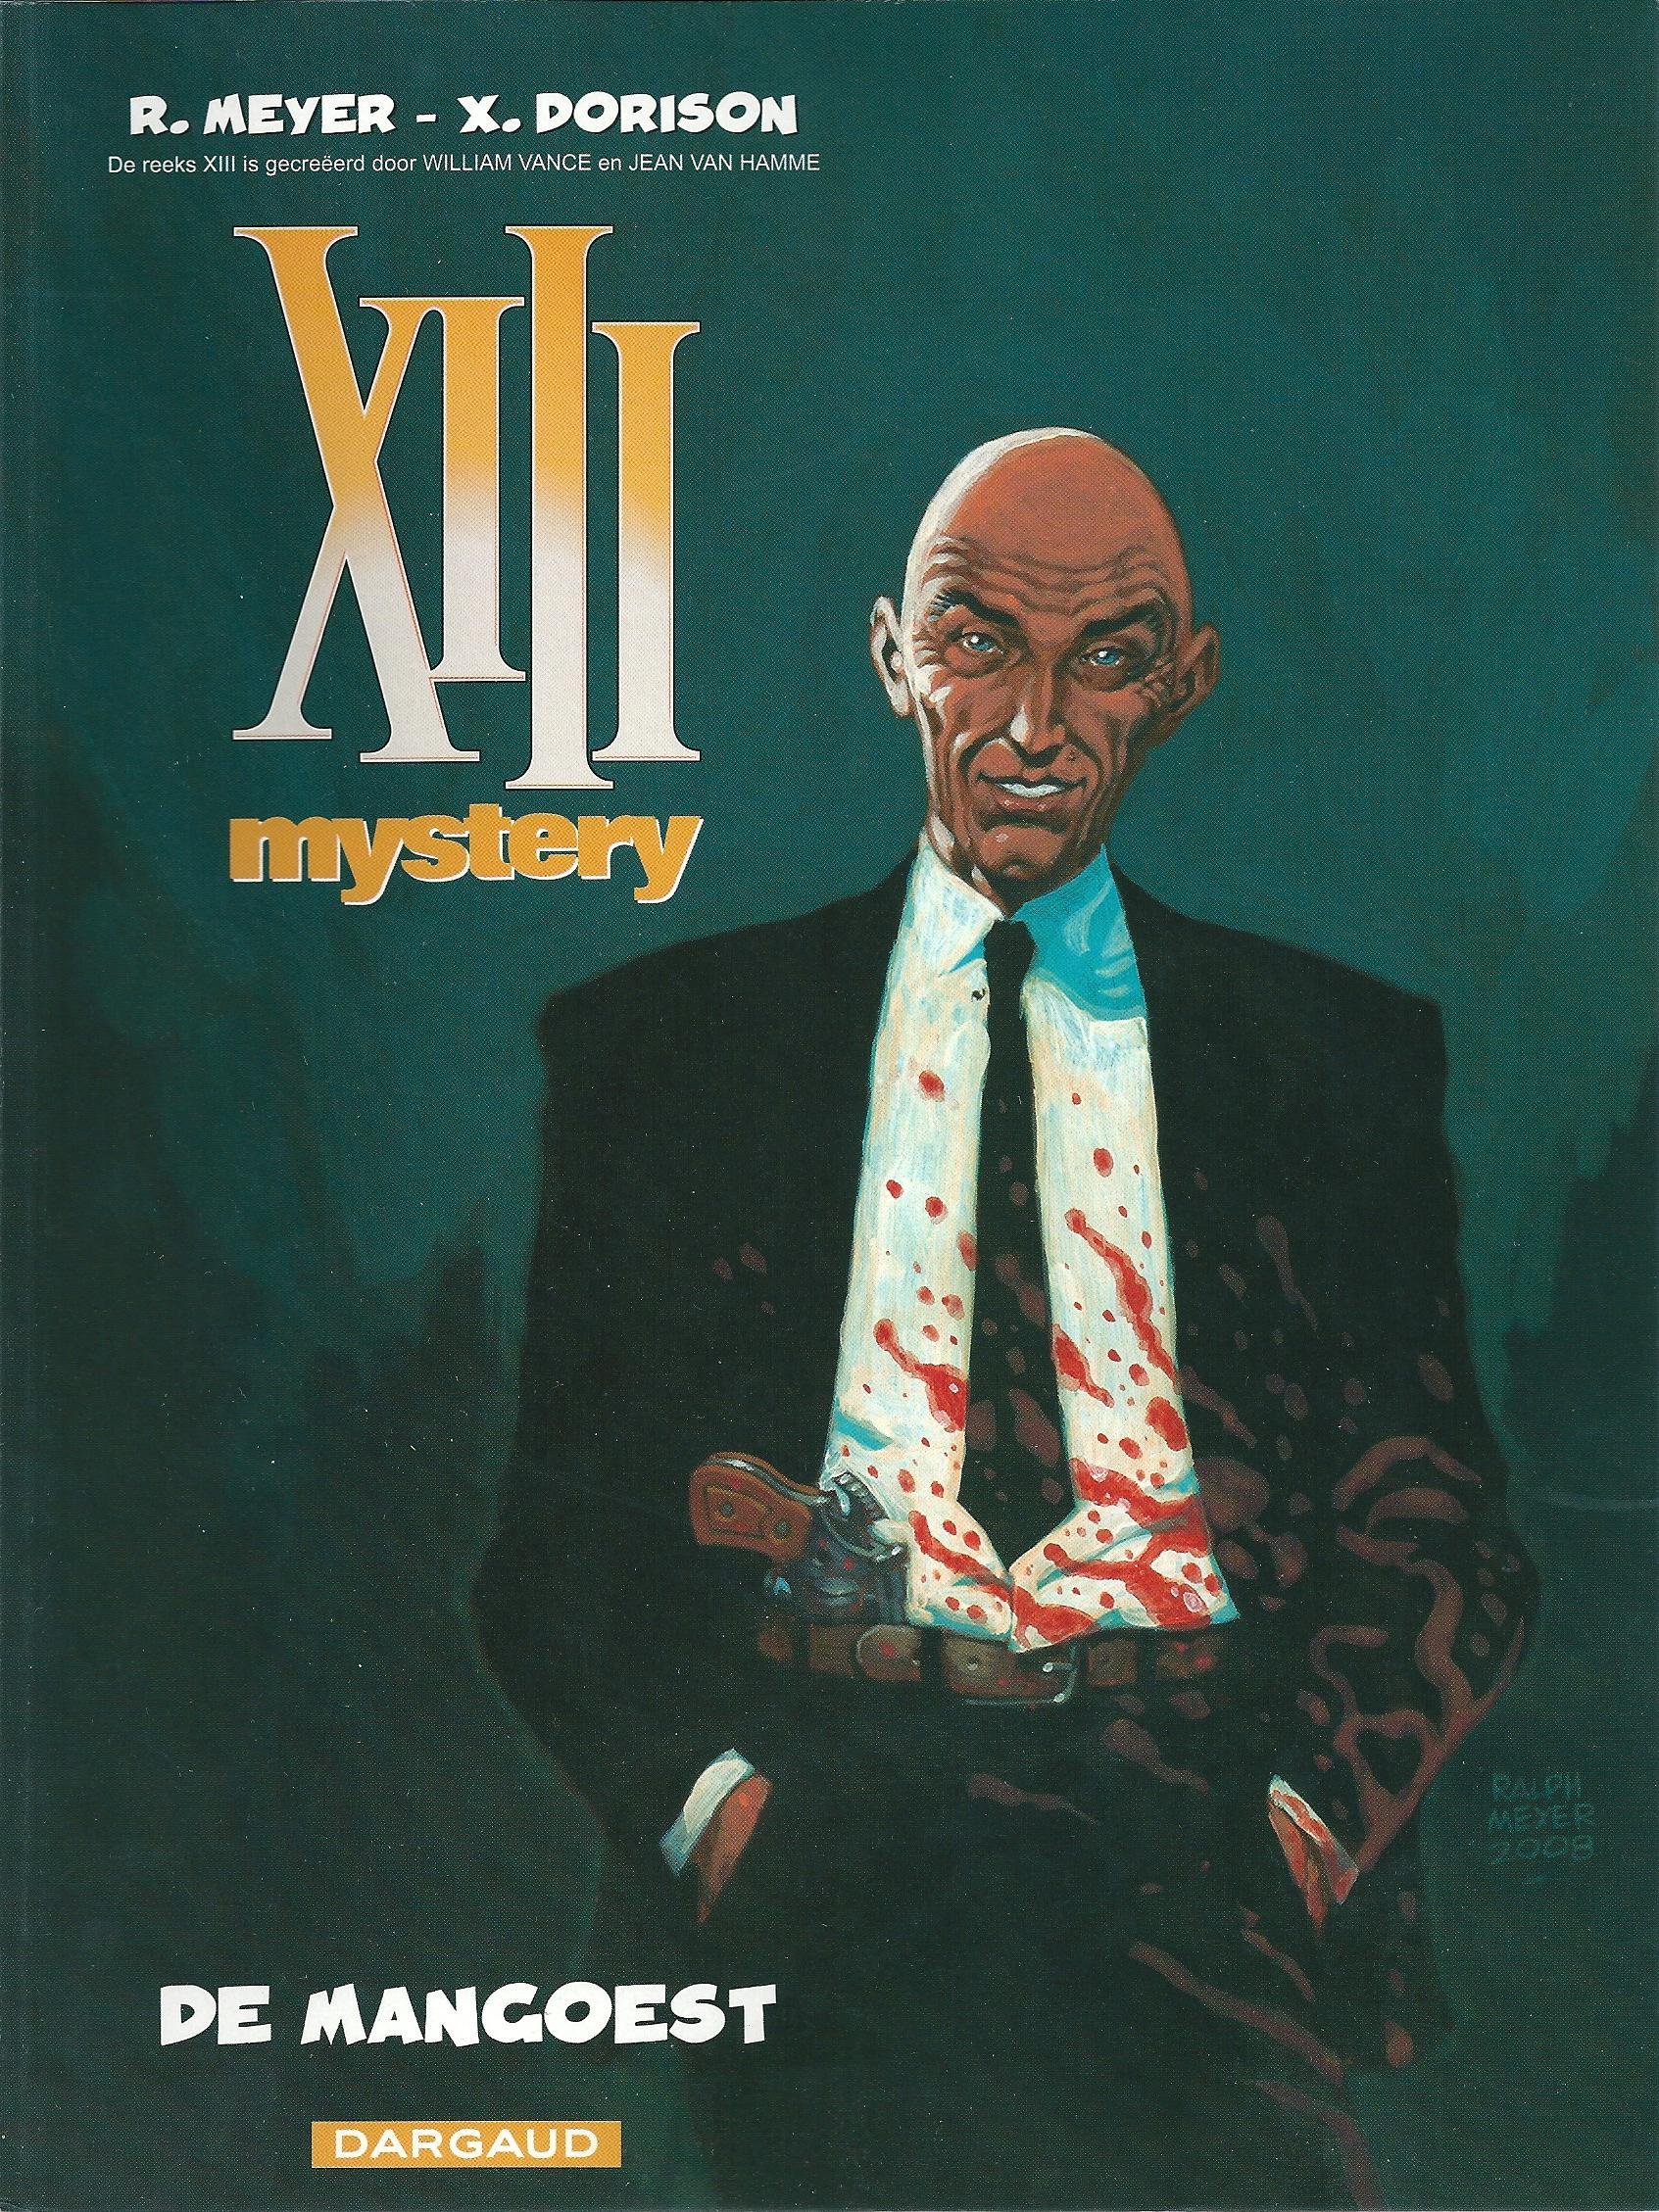 XIII Mystery sc 1 De Mangoest-0